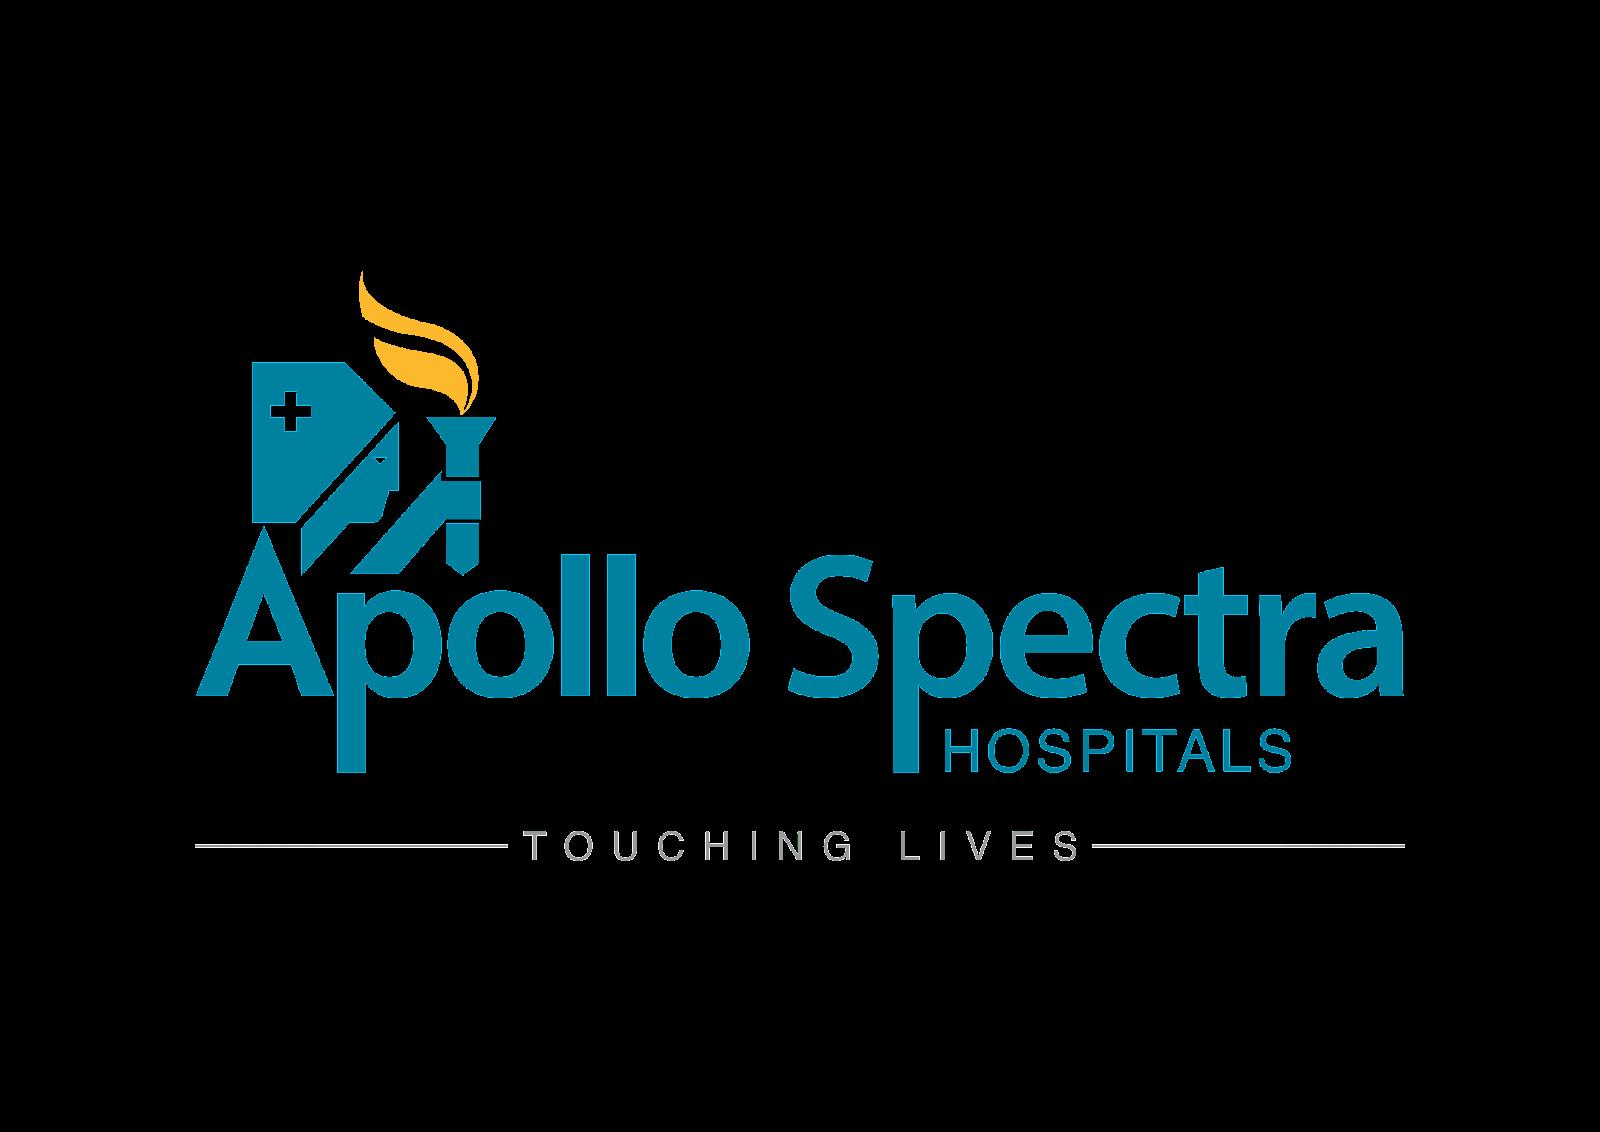 D:\Pooja\AHLL\Apollo Spectra\APOLLO SPECTRA HOSPITALS_FINAL LOGO (2).png